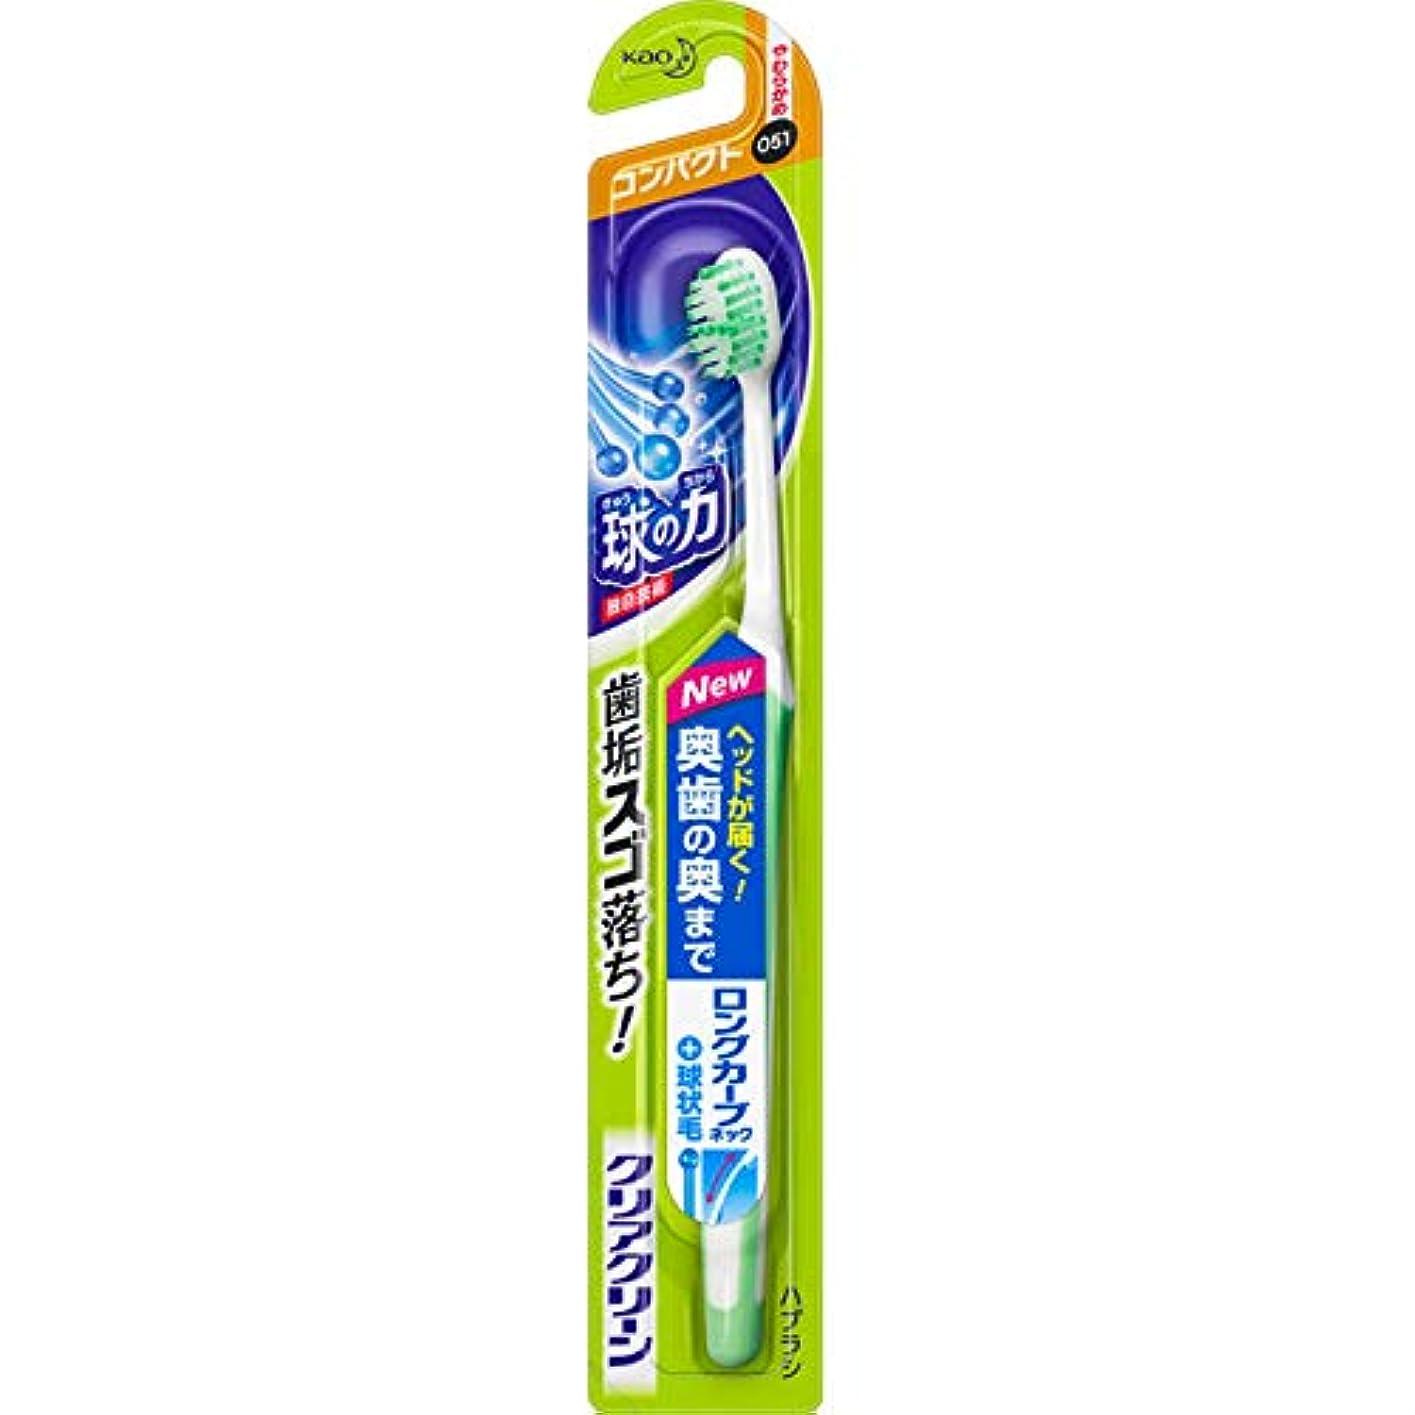 活力一目順応性のある花王 クリアクリーン ハブラシ 奥歯プラス コンパクト やわらかめ 1本